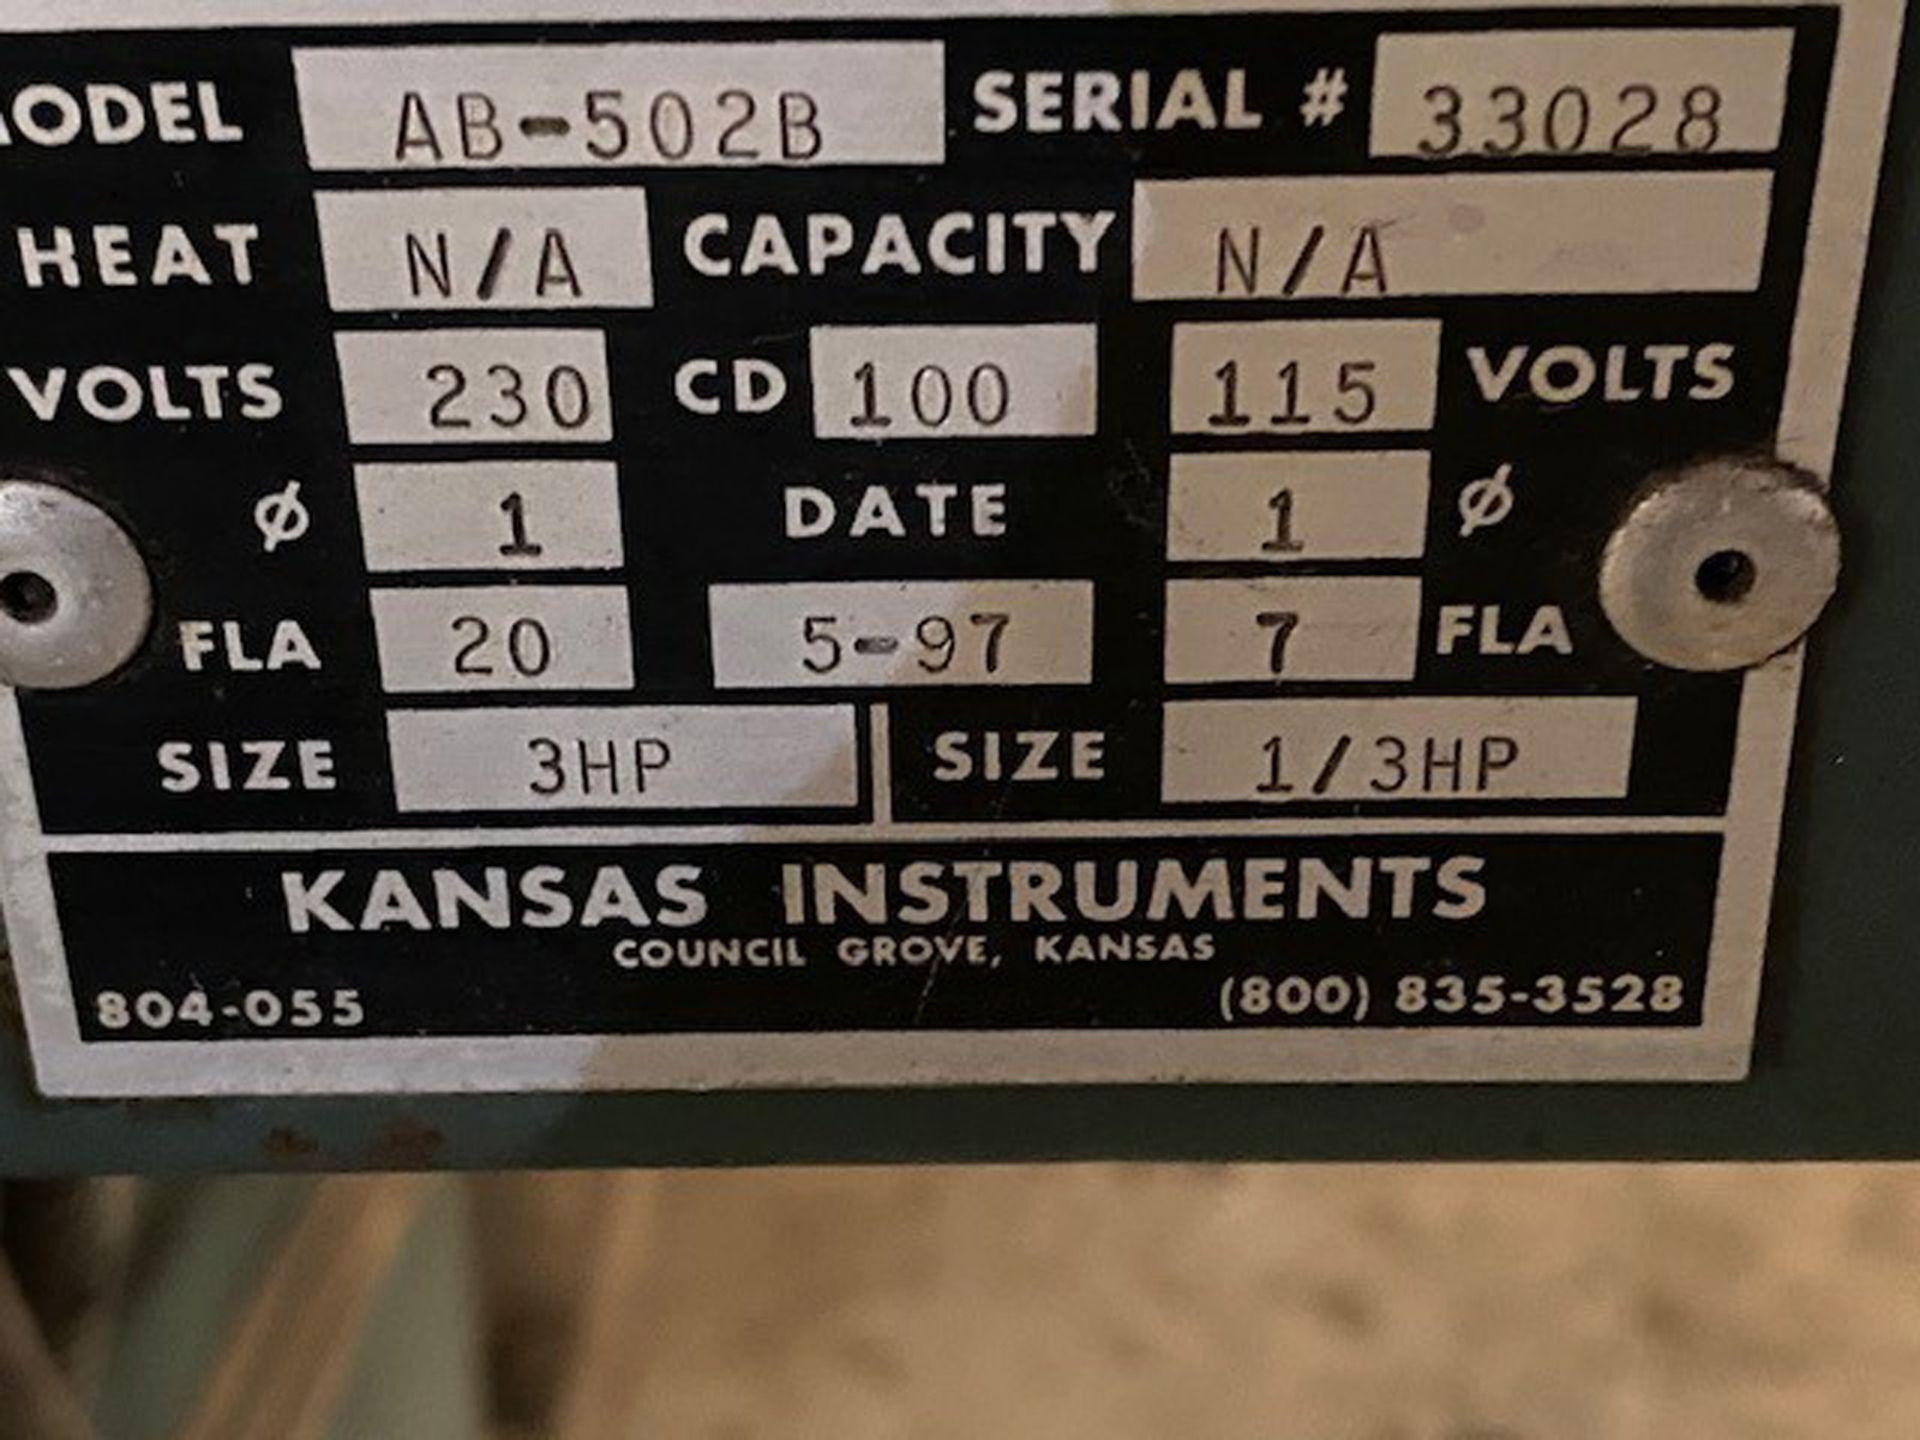 Kansas Instruments Model AB-502B Bake / Blast / Tumble Machine - Image 9 of 12